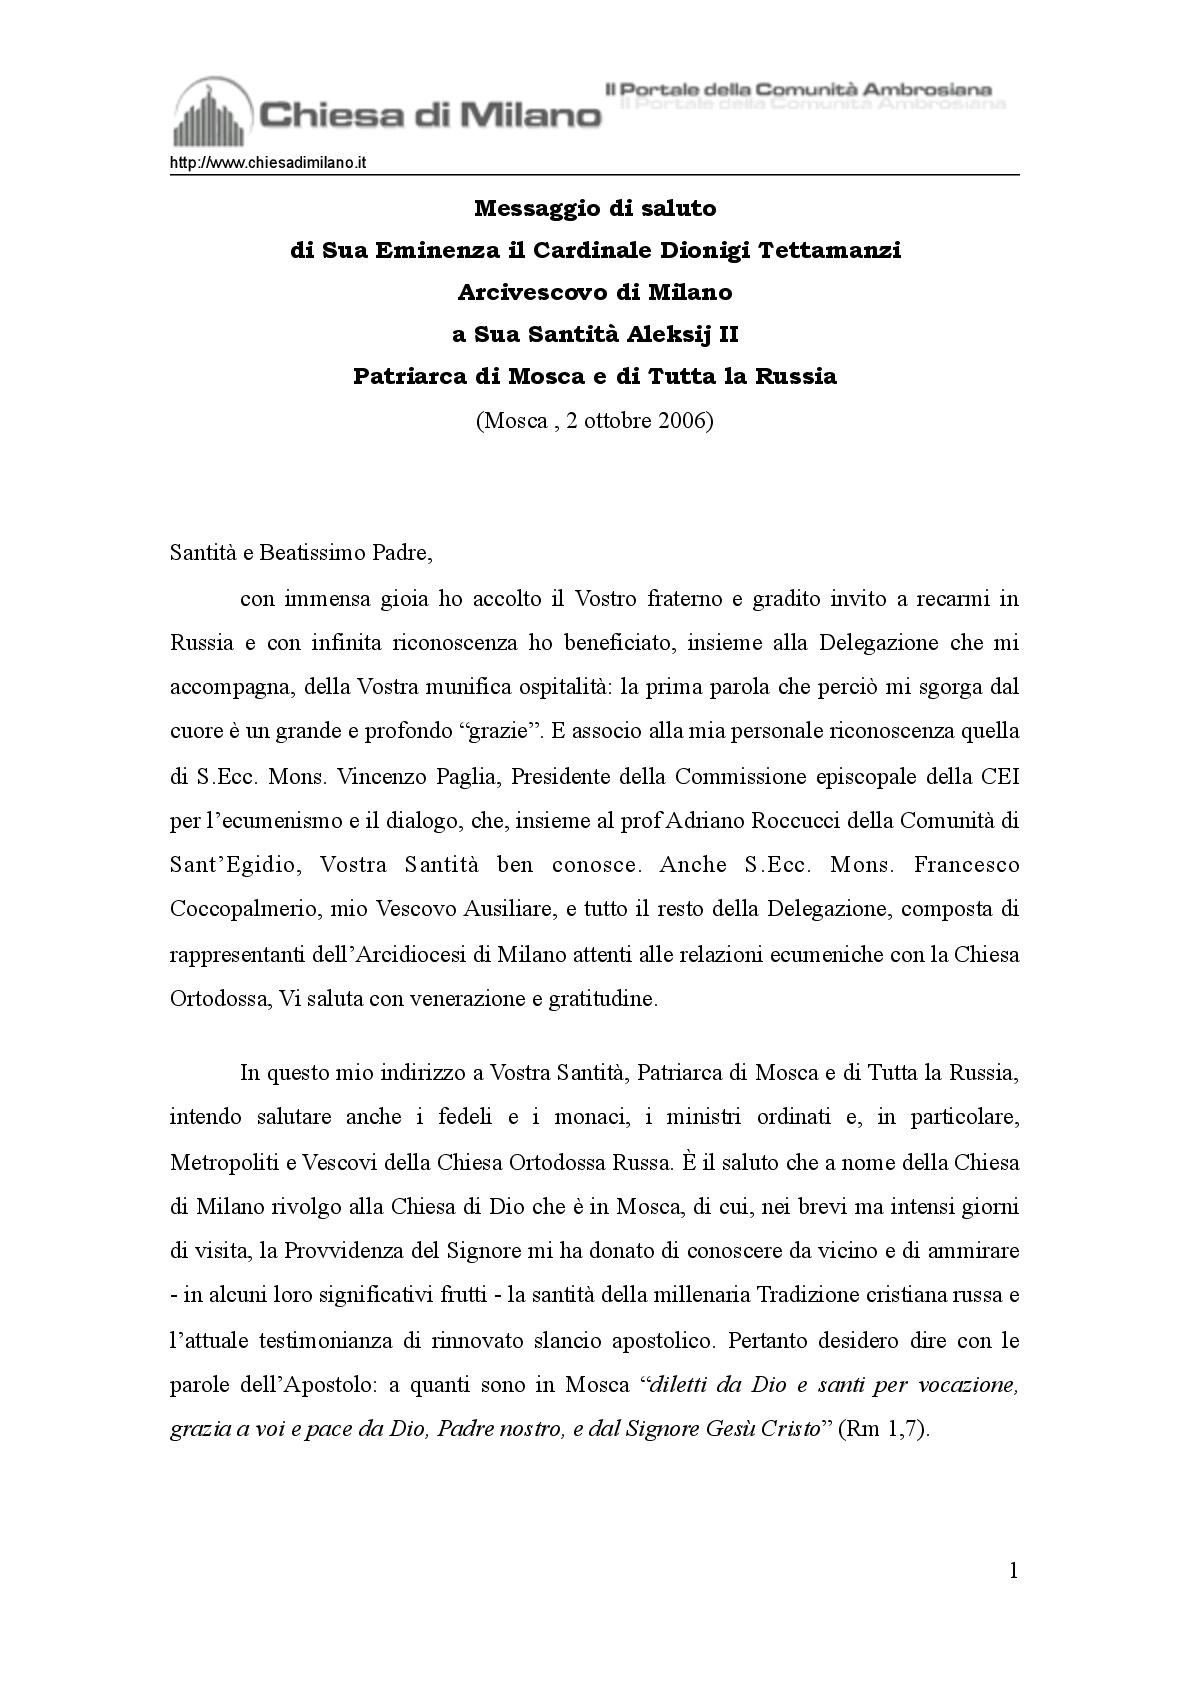 6-discorso-di-Tettamanzi-a-Mosca-001